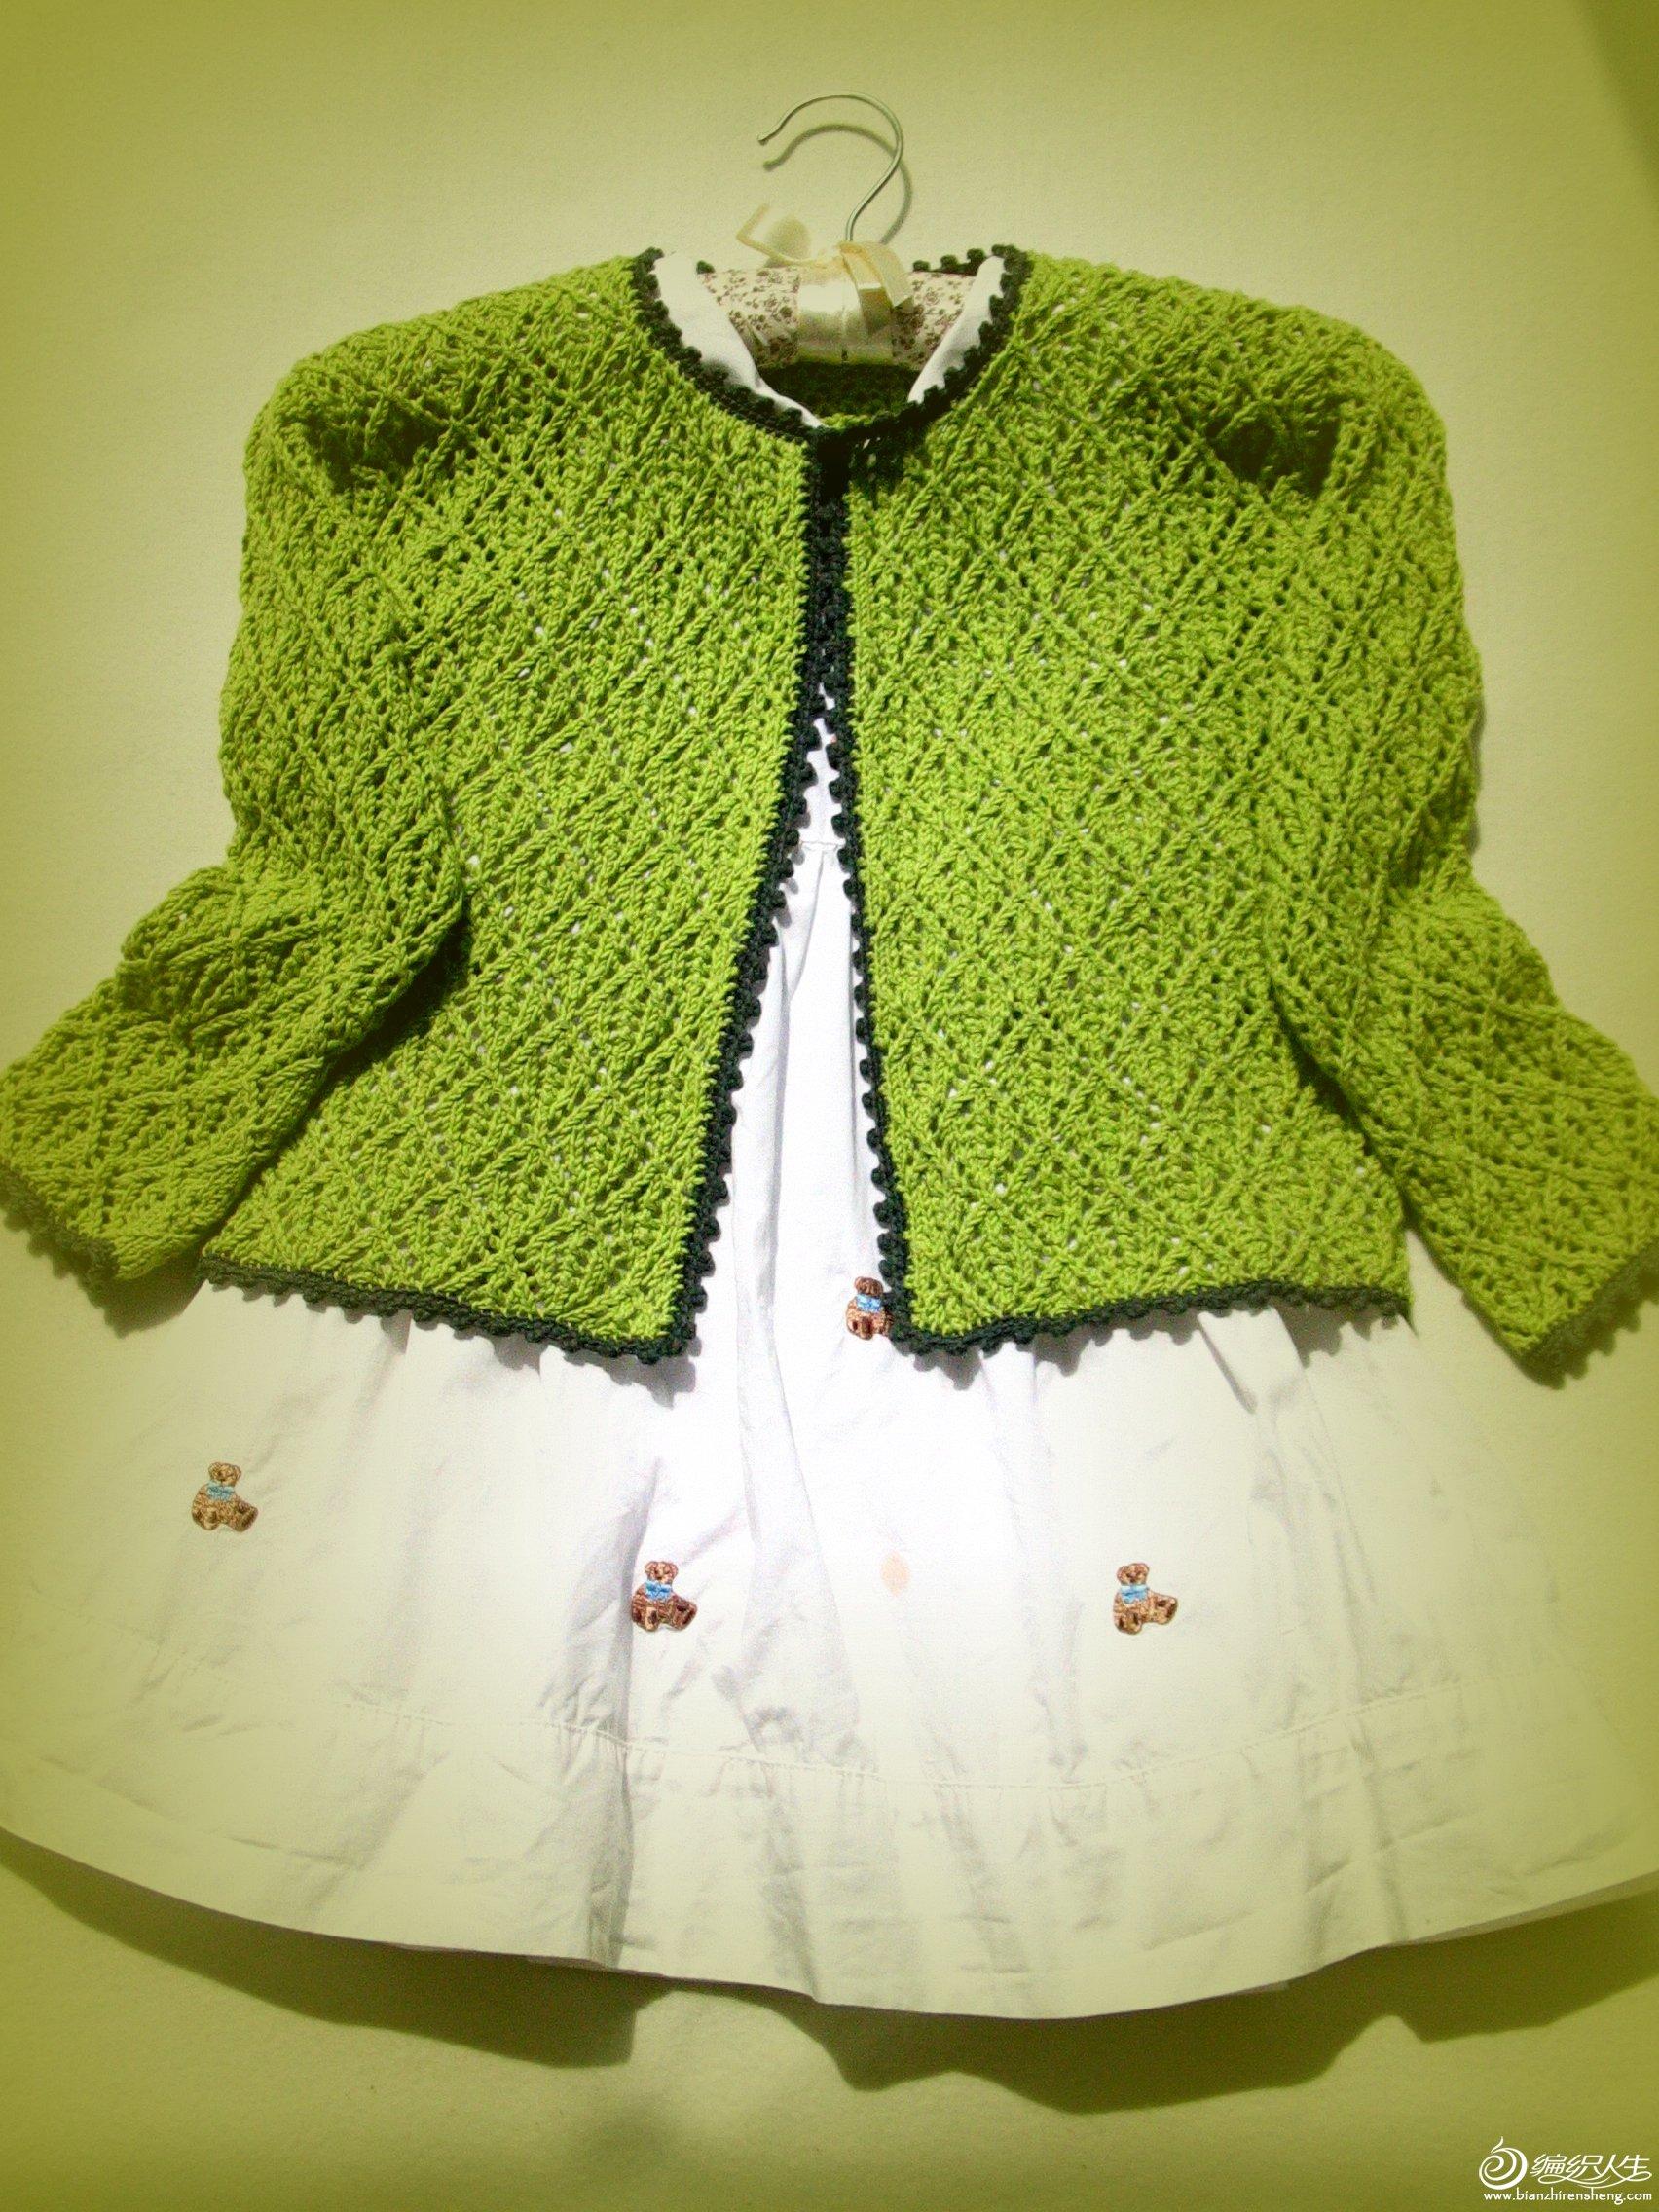 抹茶绿棒针宝宝毛衣